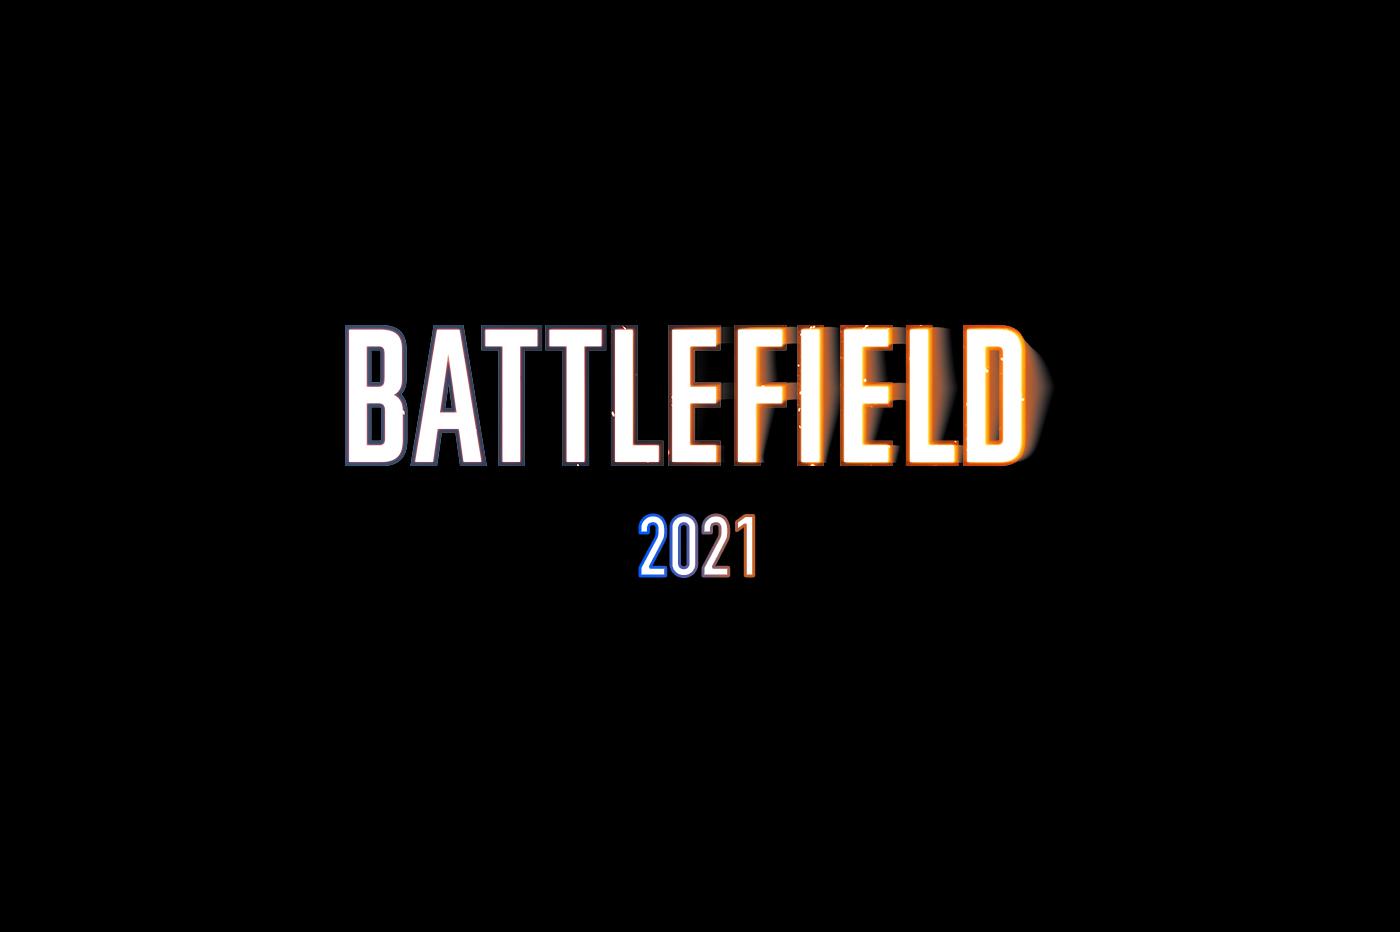 Battlefield : Un reboot de la licence et un multijoueur jusqu'à 128 joueurs en cross-plateforme ?